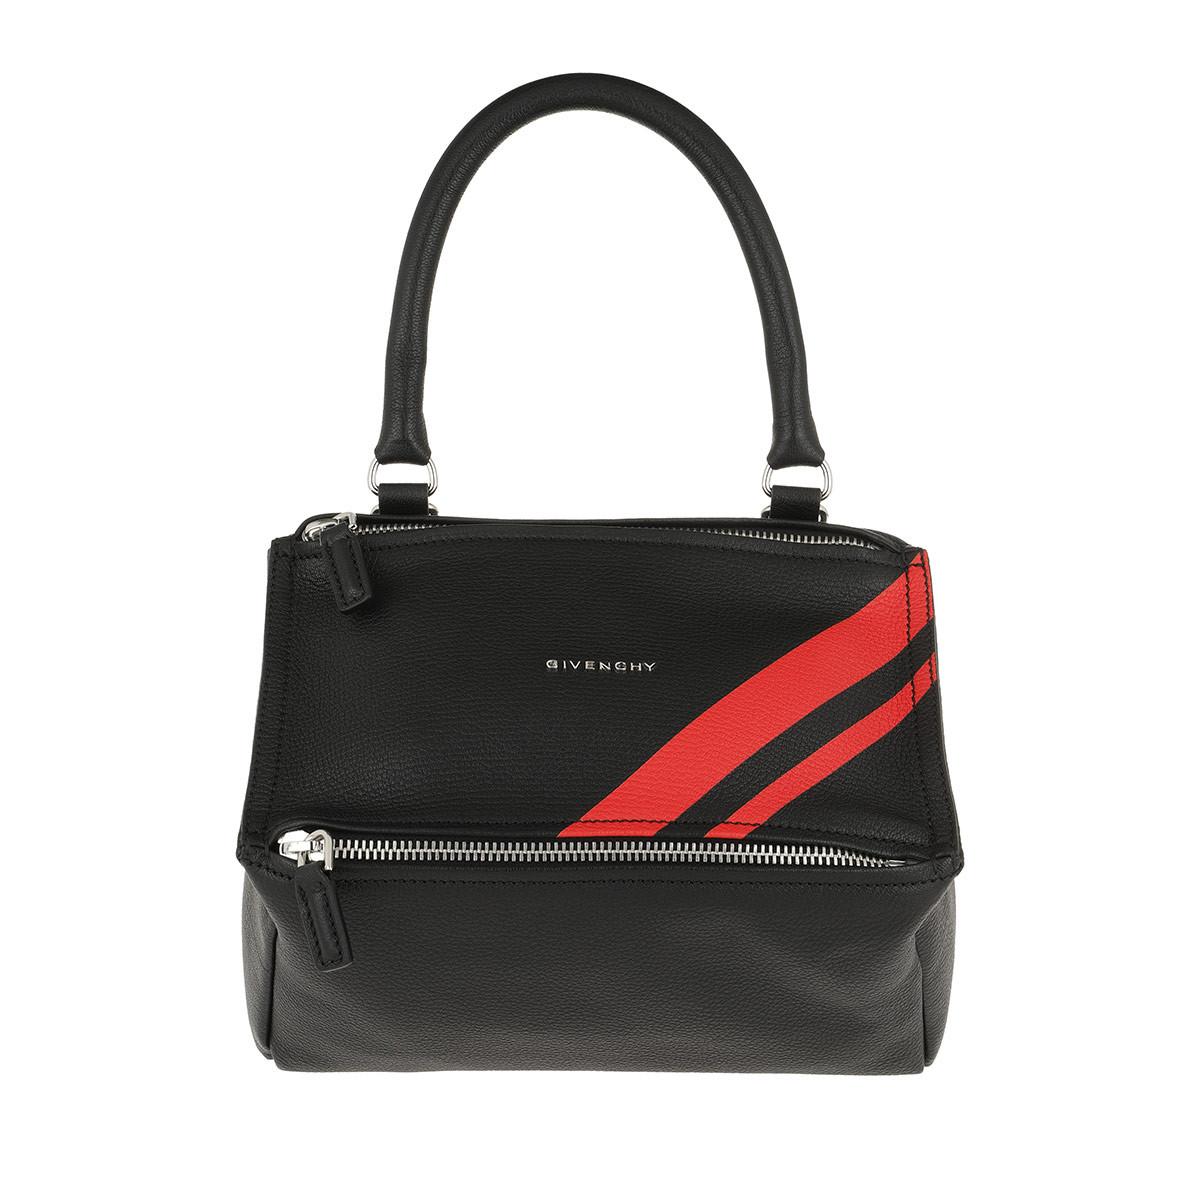 Givenchy Umhängetasche - Small Pandora Bag Leather Black/Red - in schwarz - für Damen